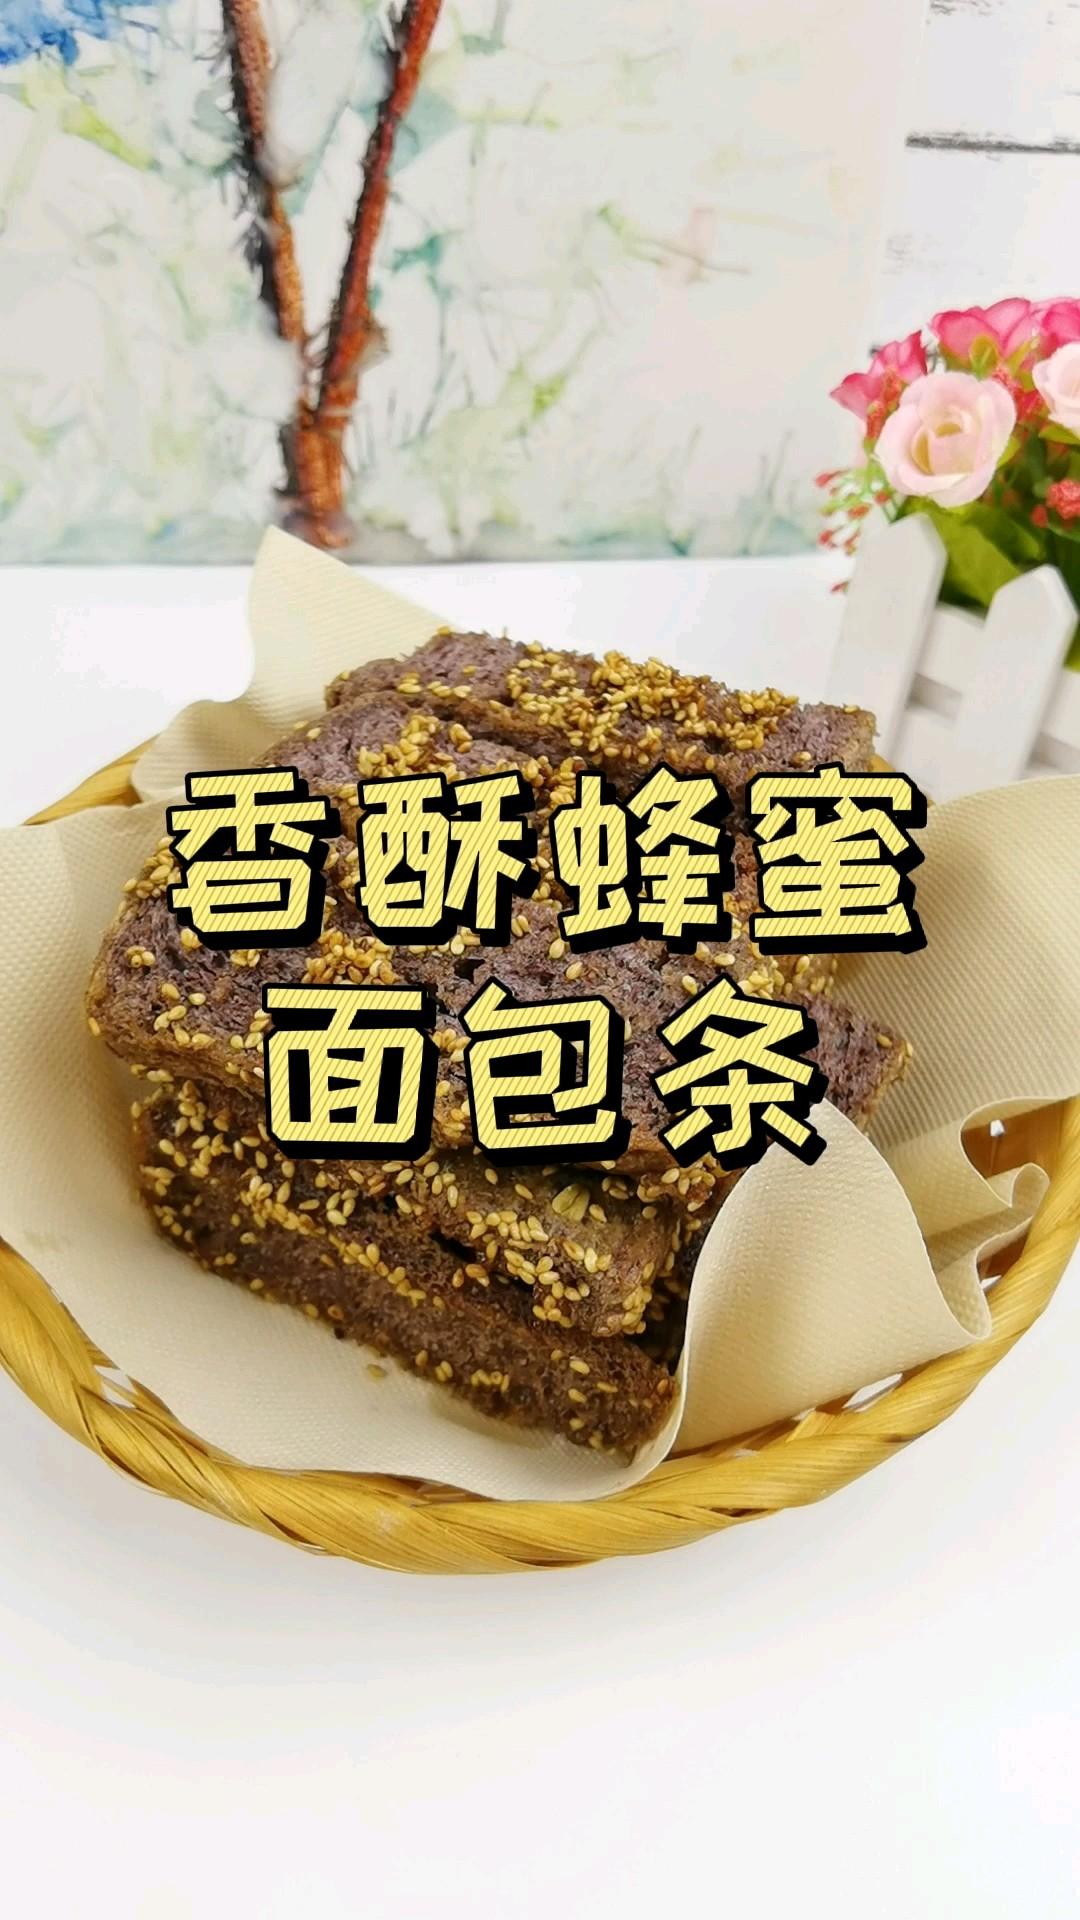 剩的面包吐司做成抢手小甜点-香酥蜂蜜面包条,香脆好吃